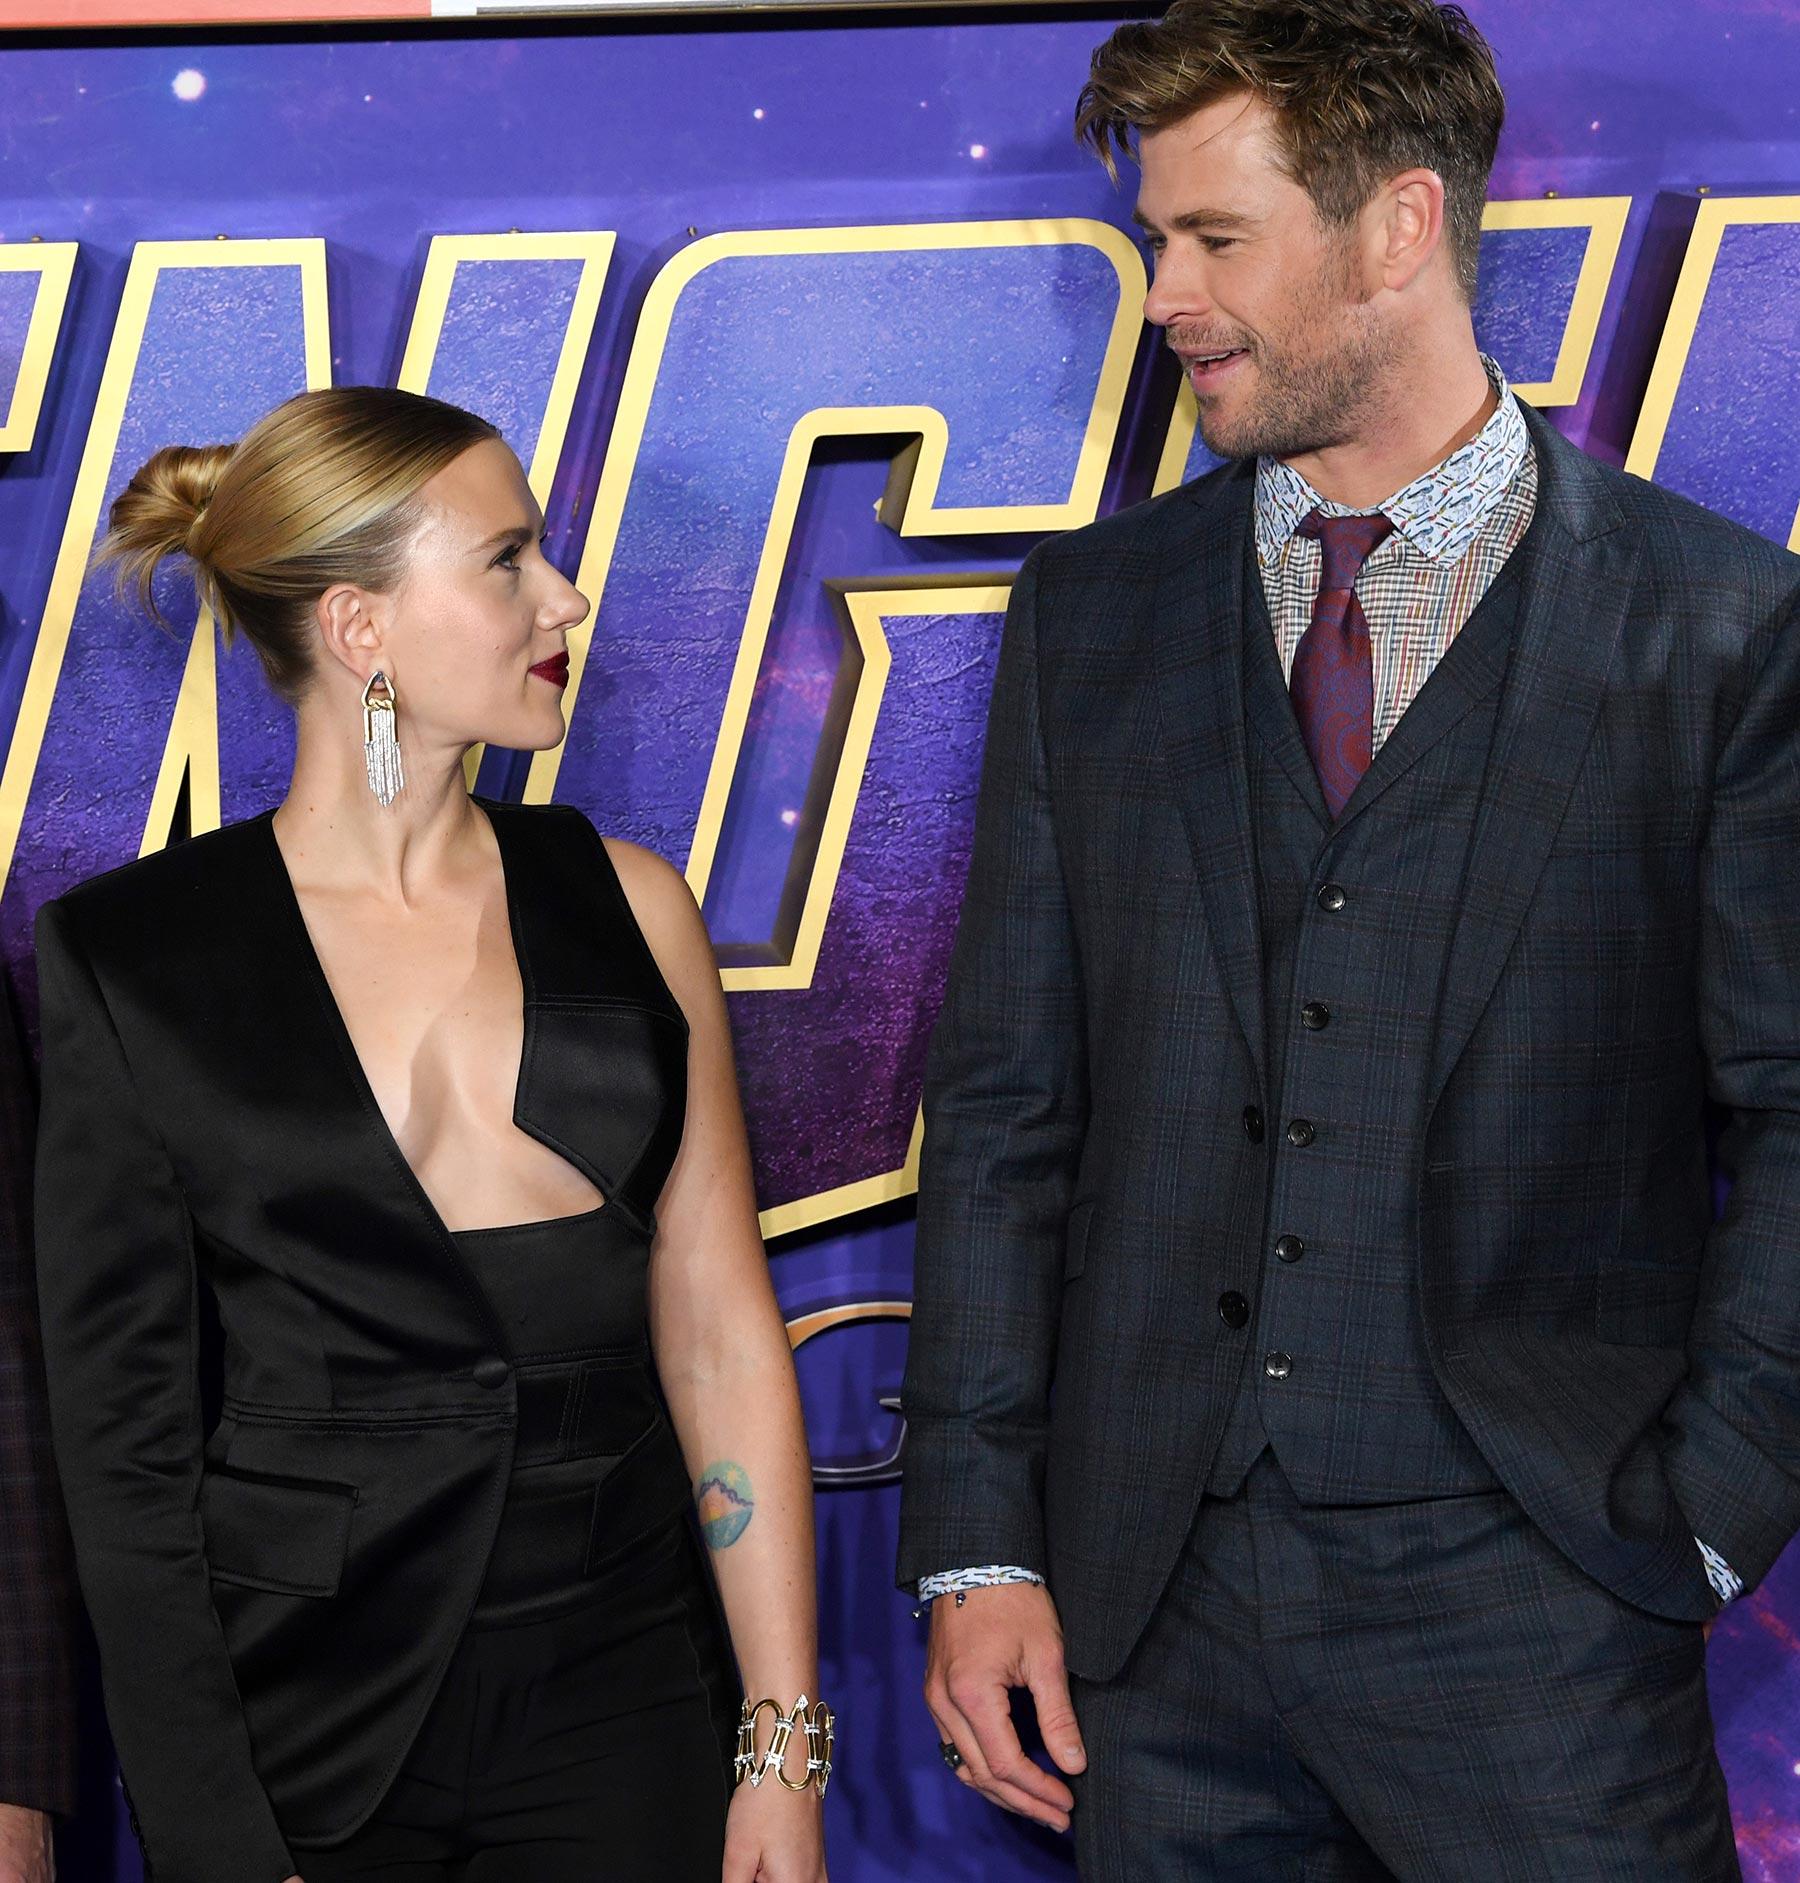 'Avengers: Endgame' film fan event, London, UK - 10 Apr 2019